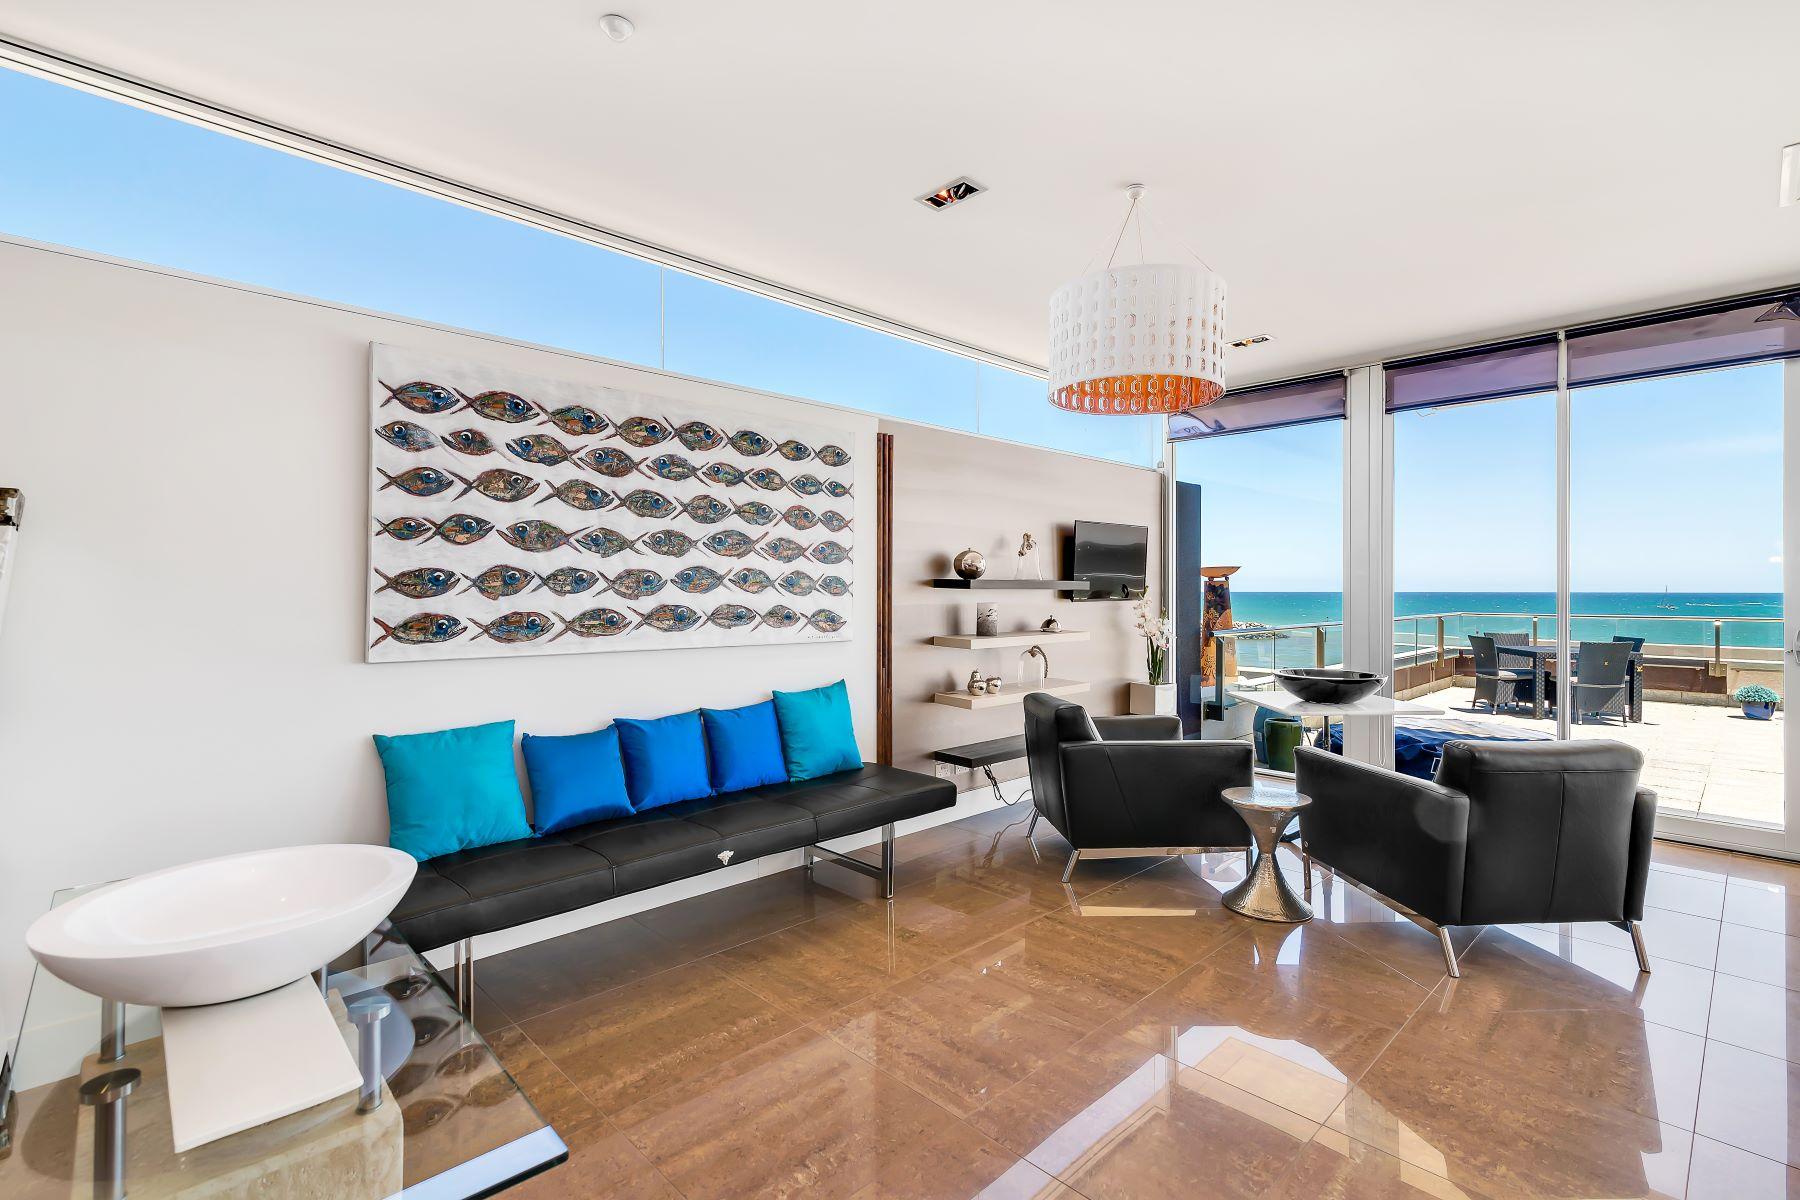 Appartement pour l Vente à Stunning Beachfront Penthouse Apartment 4.3, 8-9 North Esplanade Glenelg North, South Australia, 5045 Australie